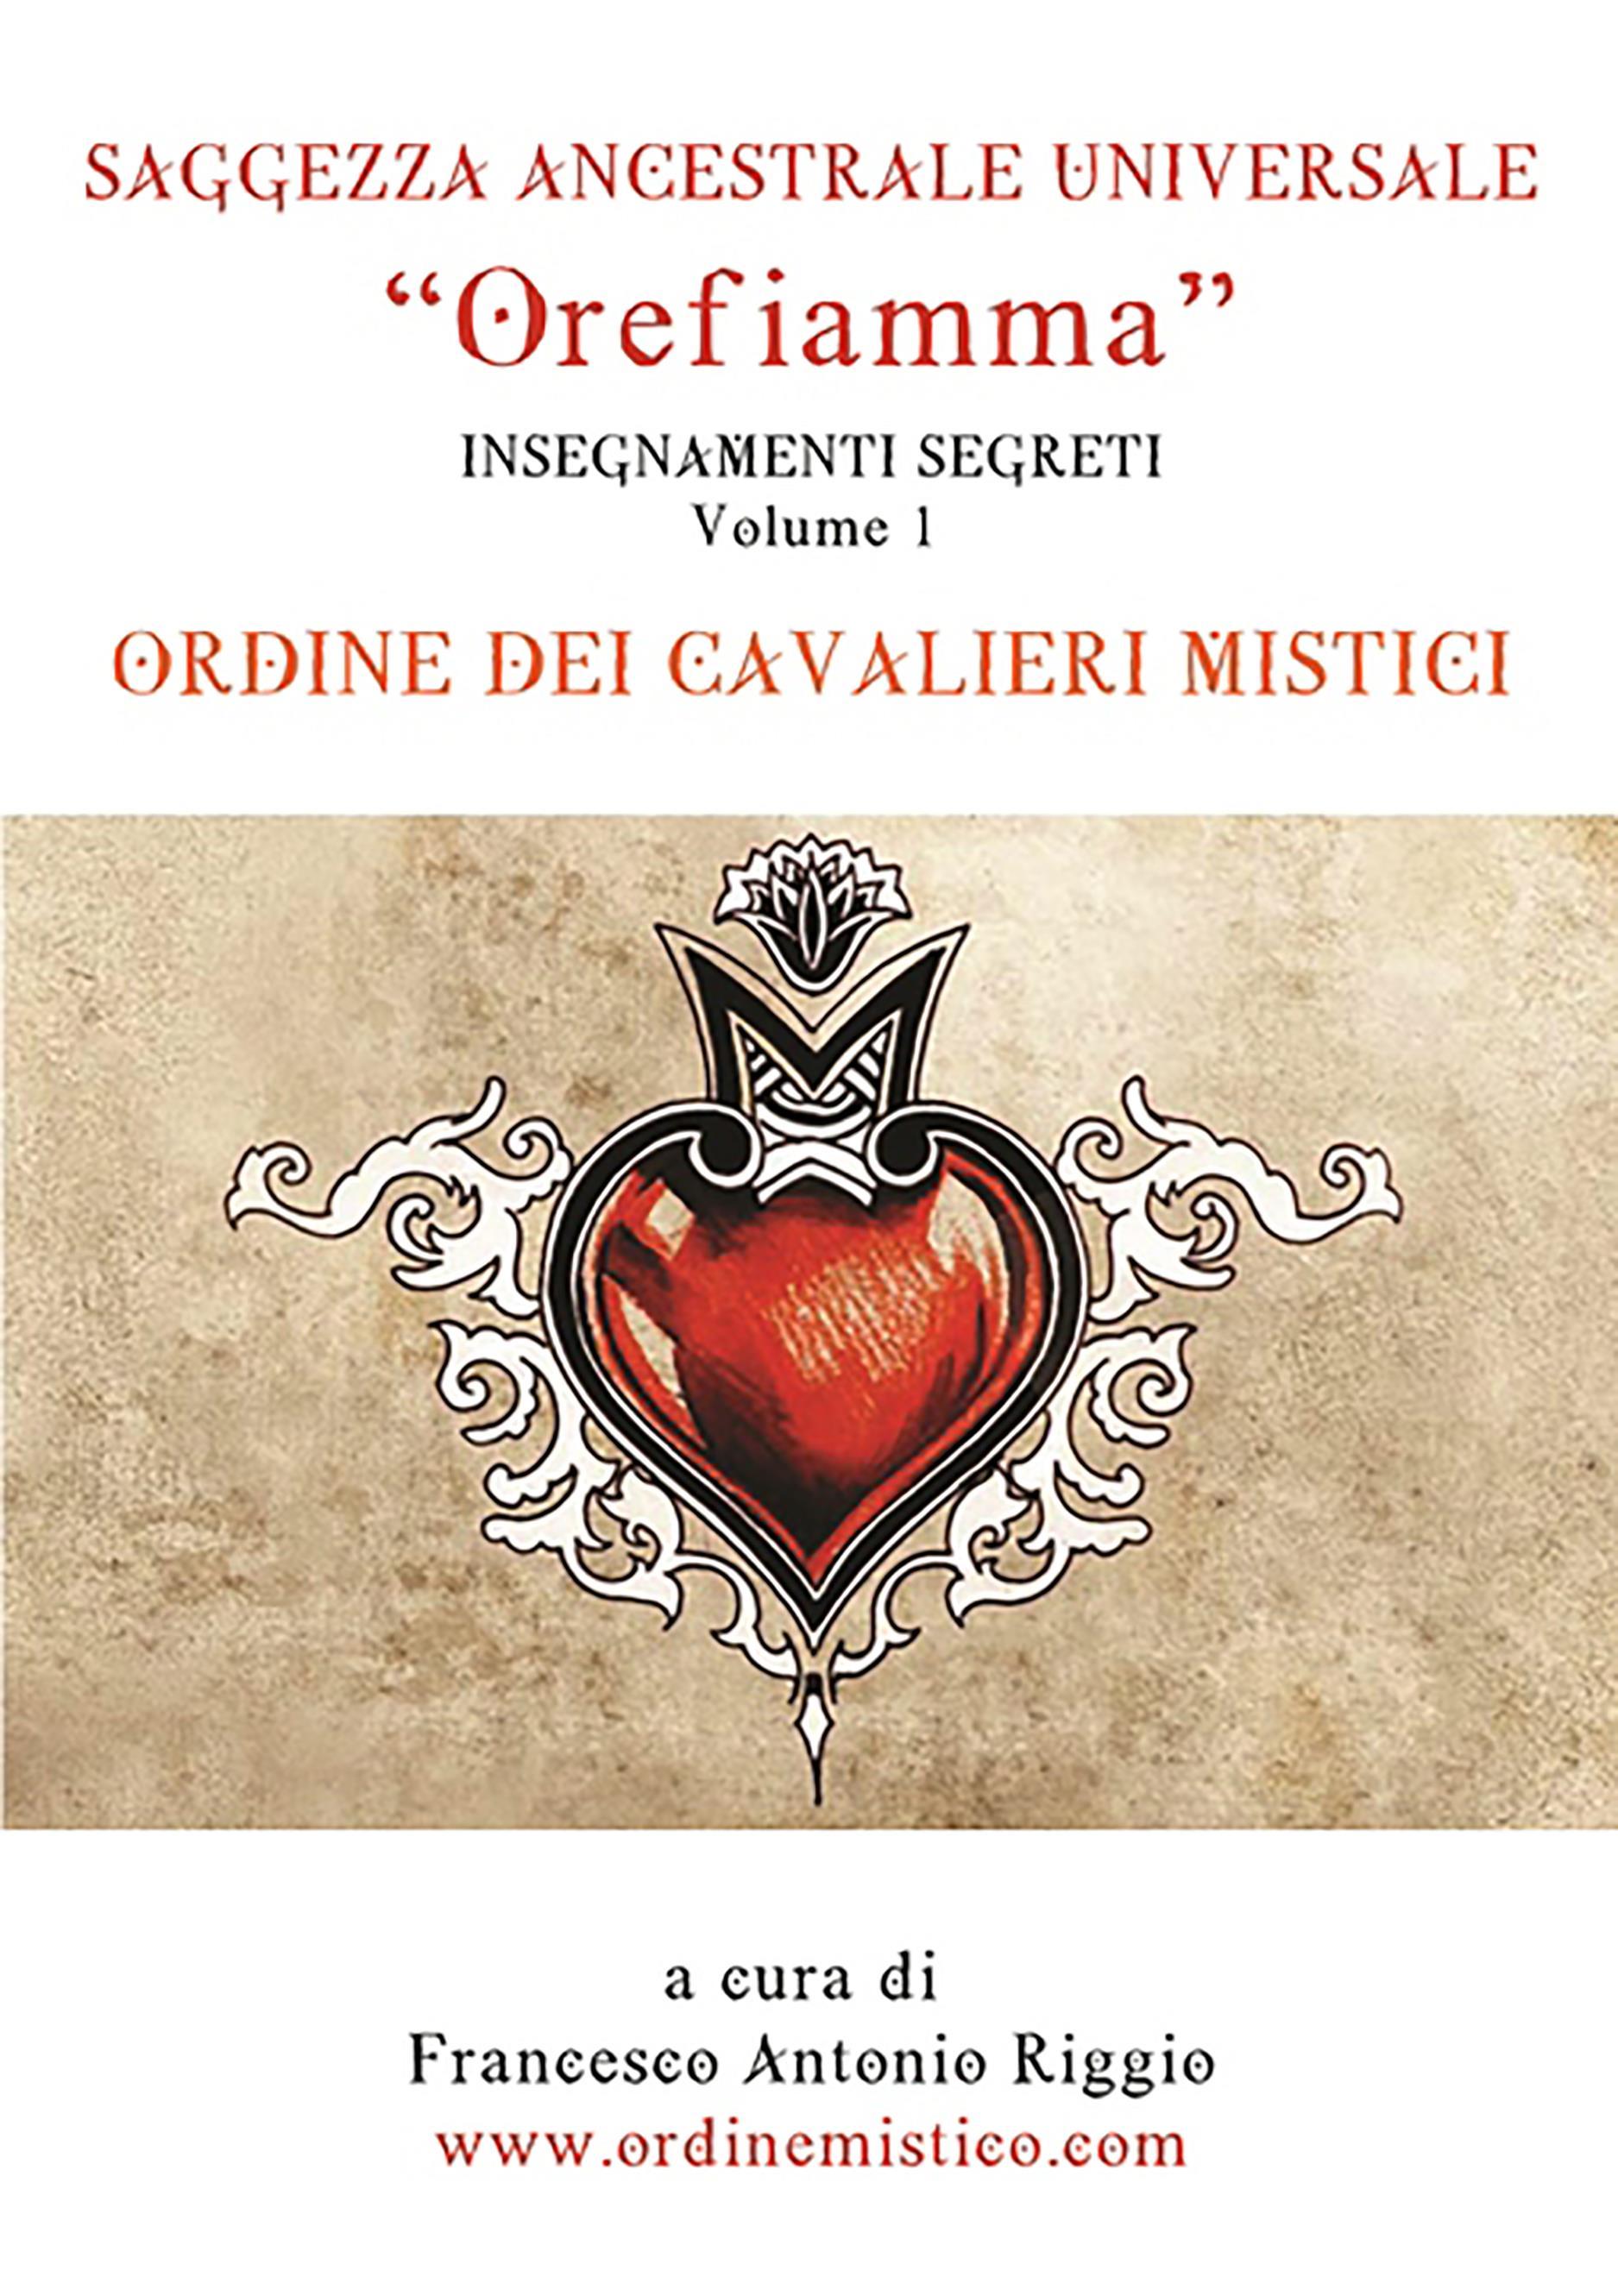 Orefiamma - Volume 1 - Insegnamenti Segreti - Saggezza Ancestrale Universale